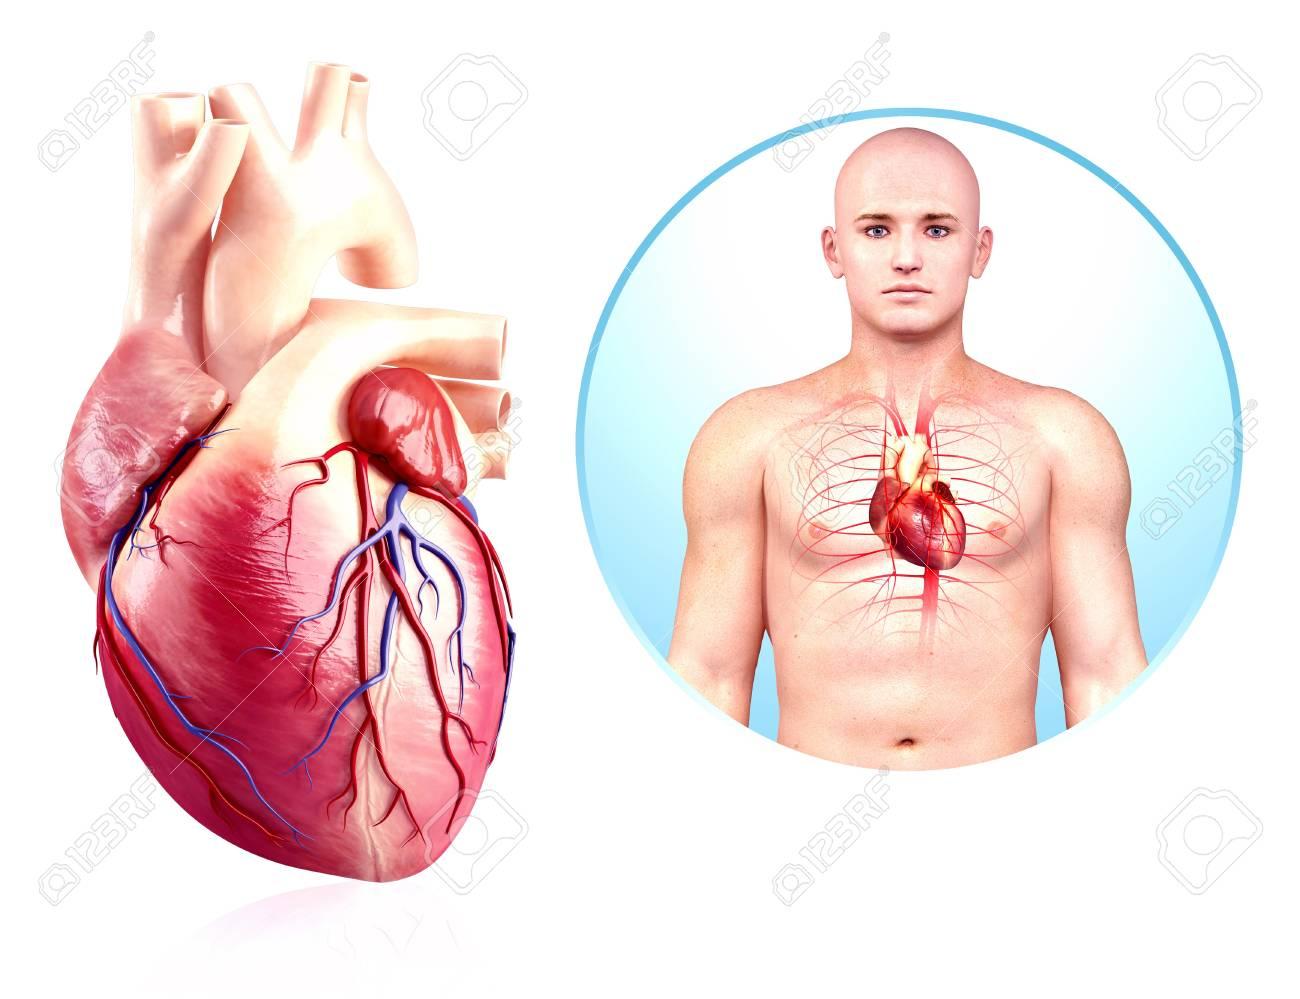 Menschliches Herz Anatomie, Kunstwerk Lizenzfreie Fotos, Bilder Und ...